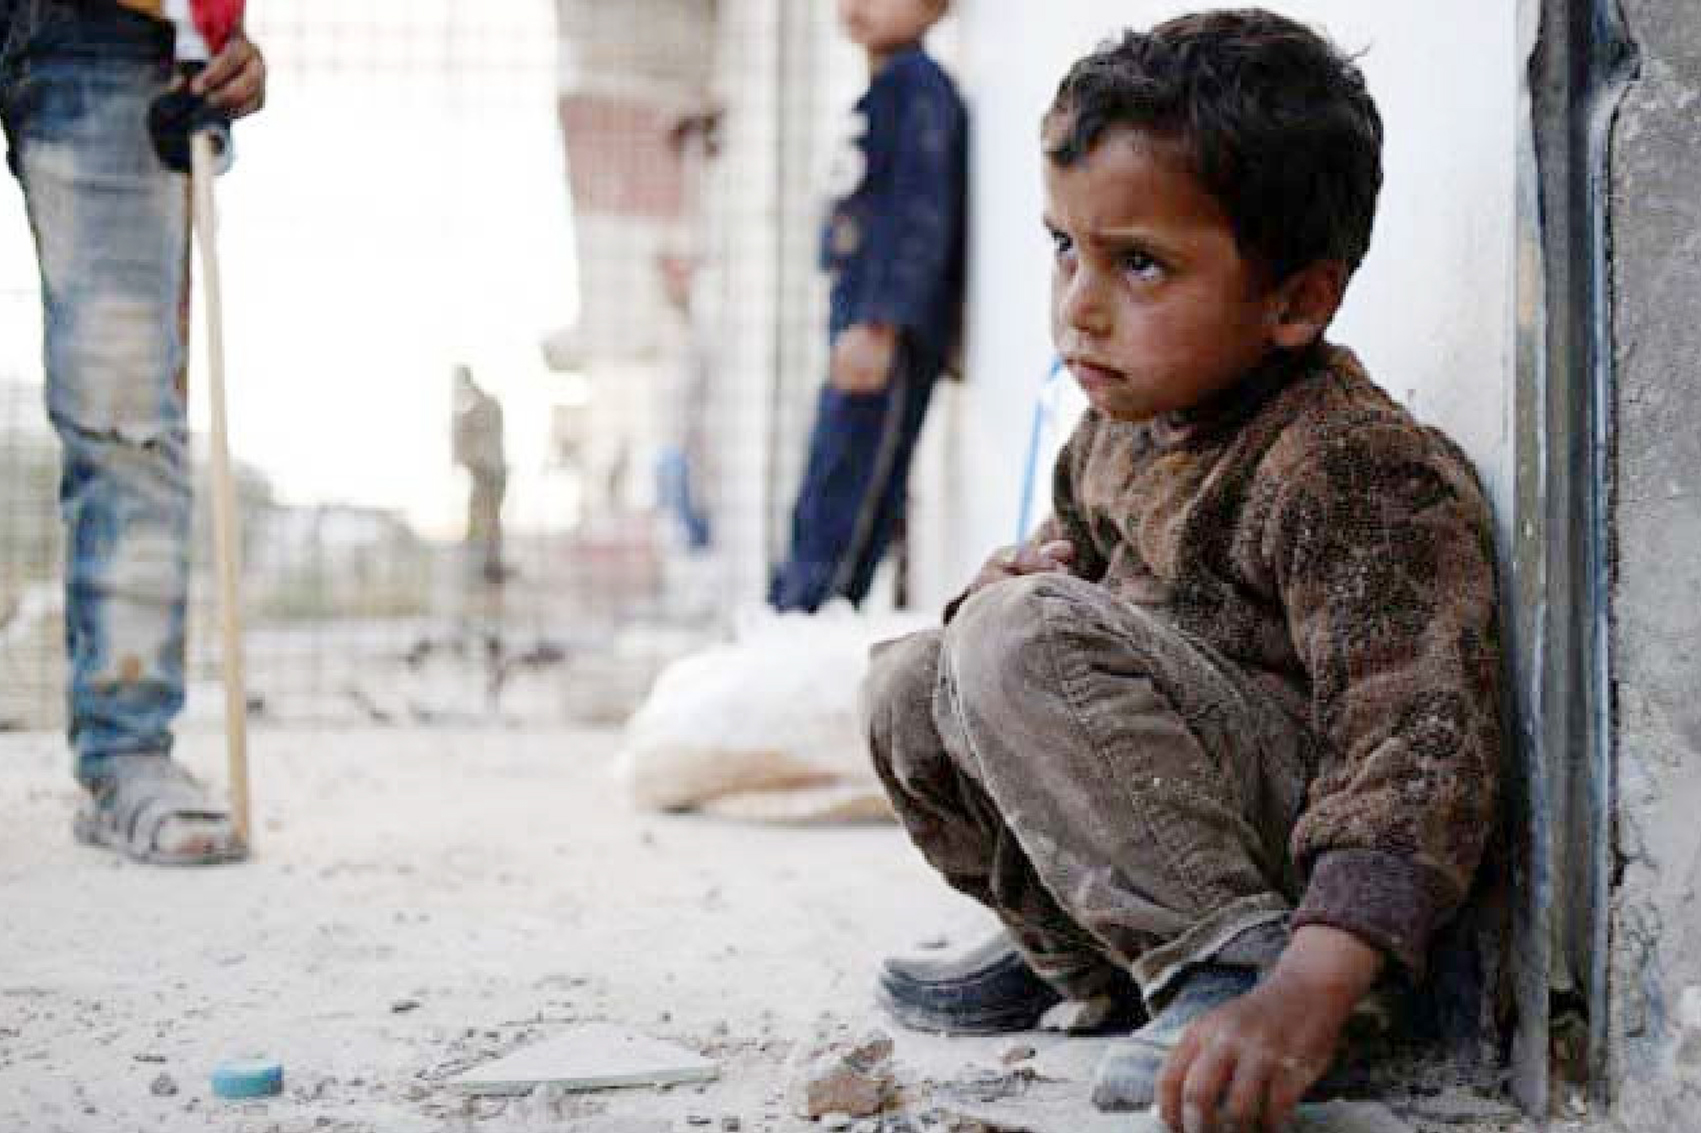 الأطفال السوريون من ذوي الإعاقة يواجهون خطر الإقصاء والإهمال